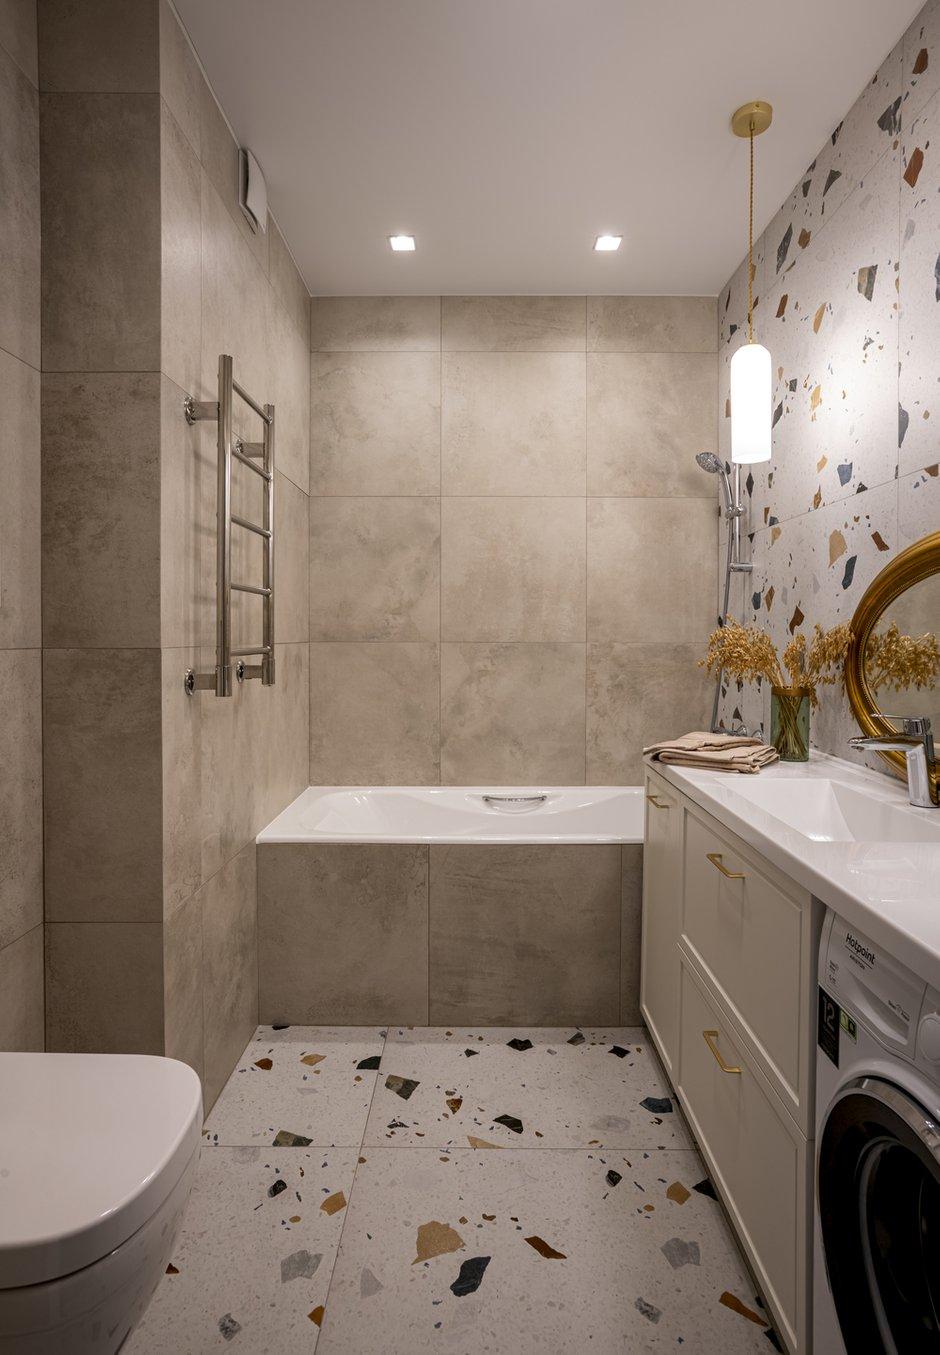 Отделка ванной — керамогранит. Акцентная плитка терраццо форматом 80×80 и фоновая под бетон 60×60.